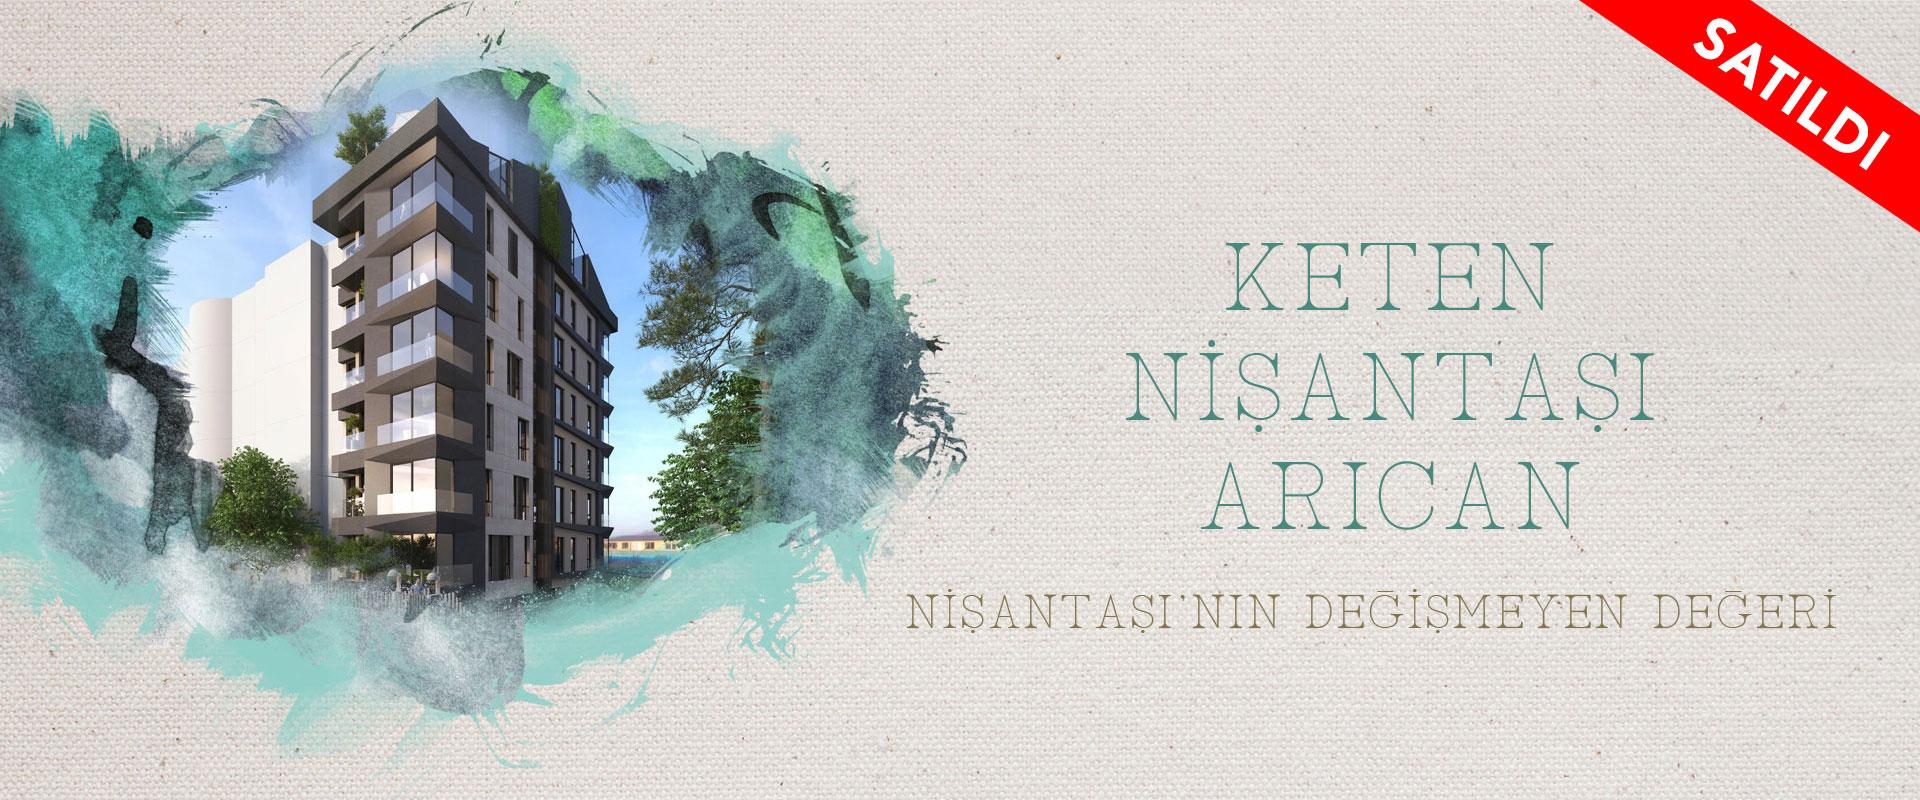 ket443_nisantasi_arican_satildi